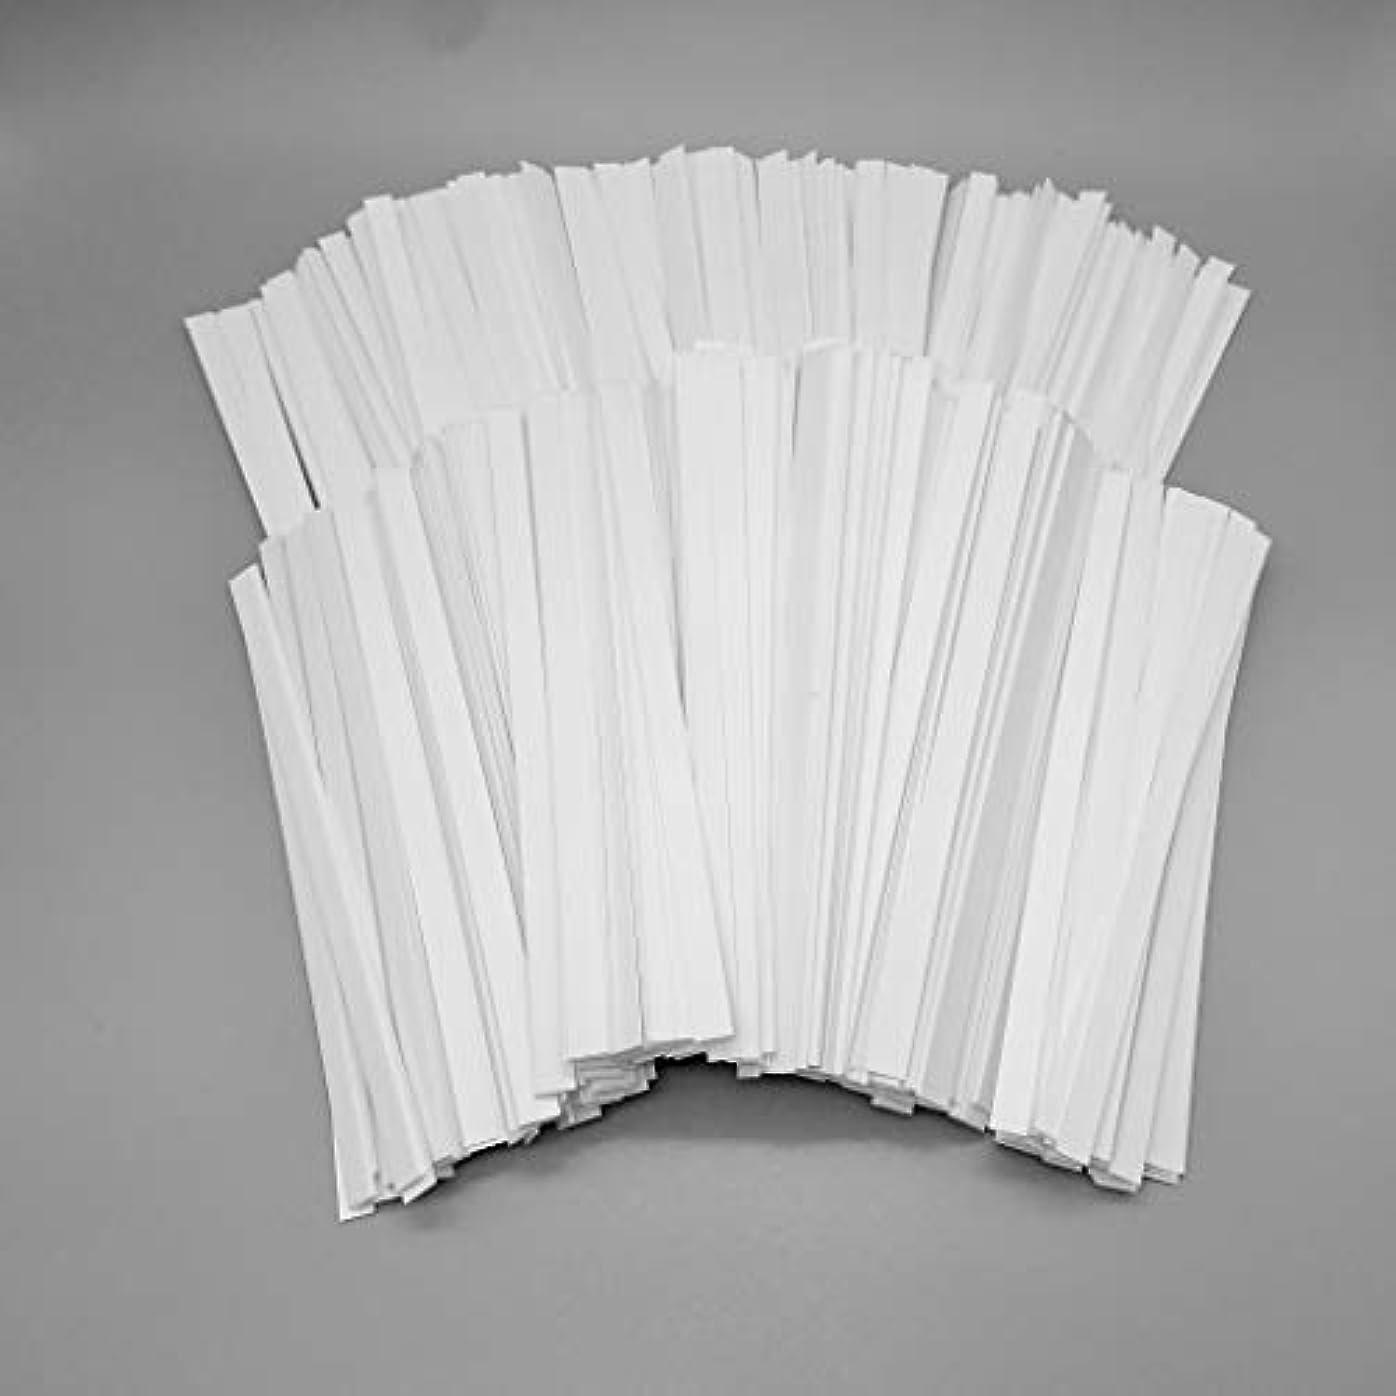 幻滅介入する顕著【オンネネ】ムエット 試香紙 1000本セット 講座?試験用